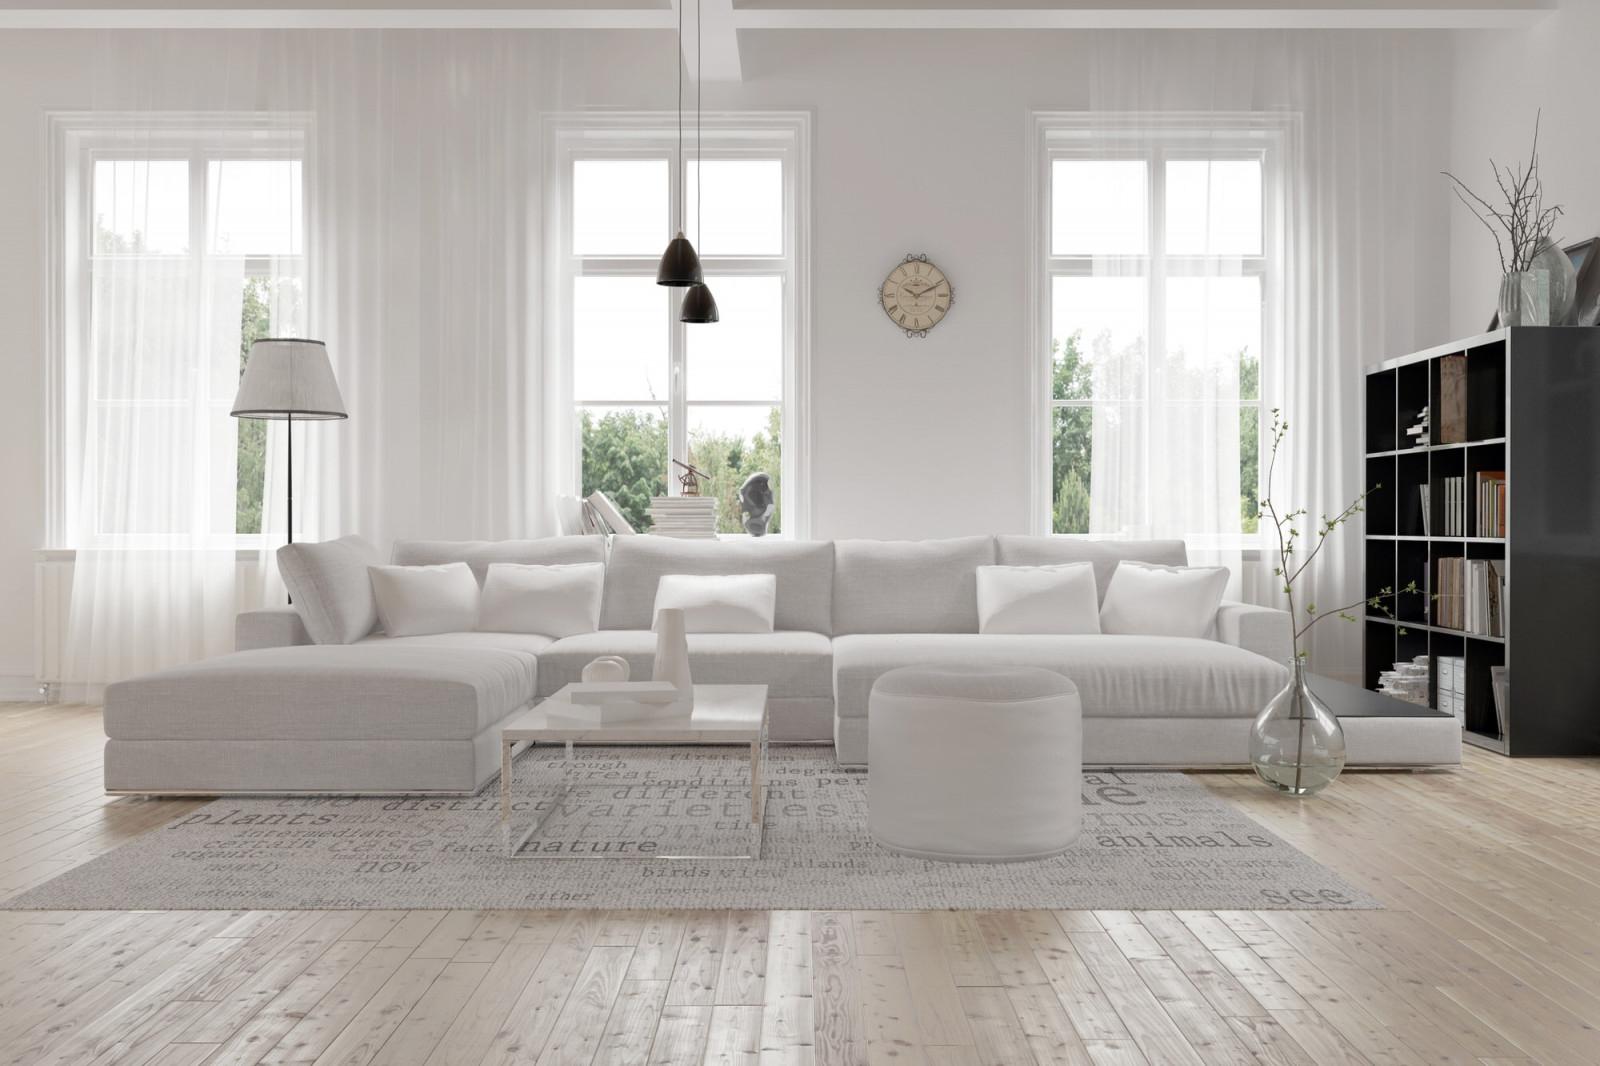 Große Räume Einrichten Und Gestalten – So Geht's  Heimhelden von Wohnzimmer Mit Fensterfront Einrichten Bild